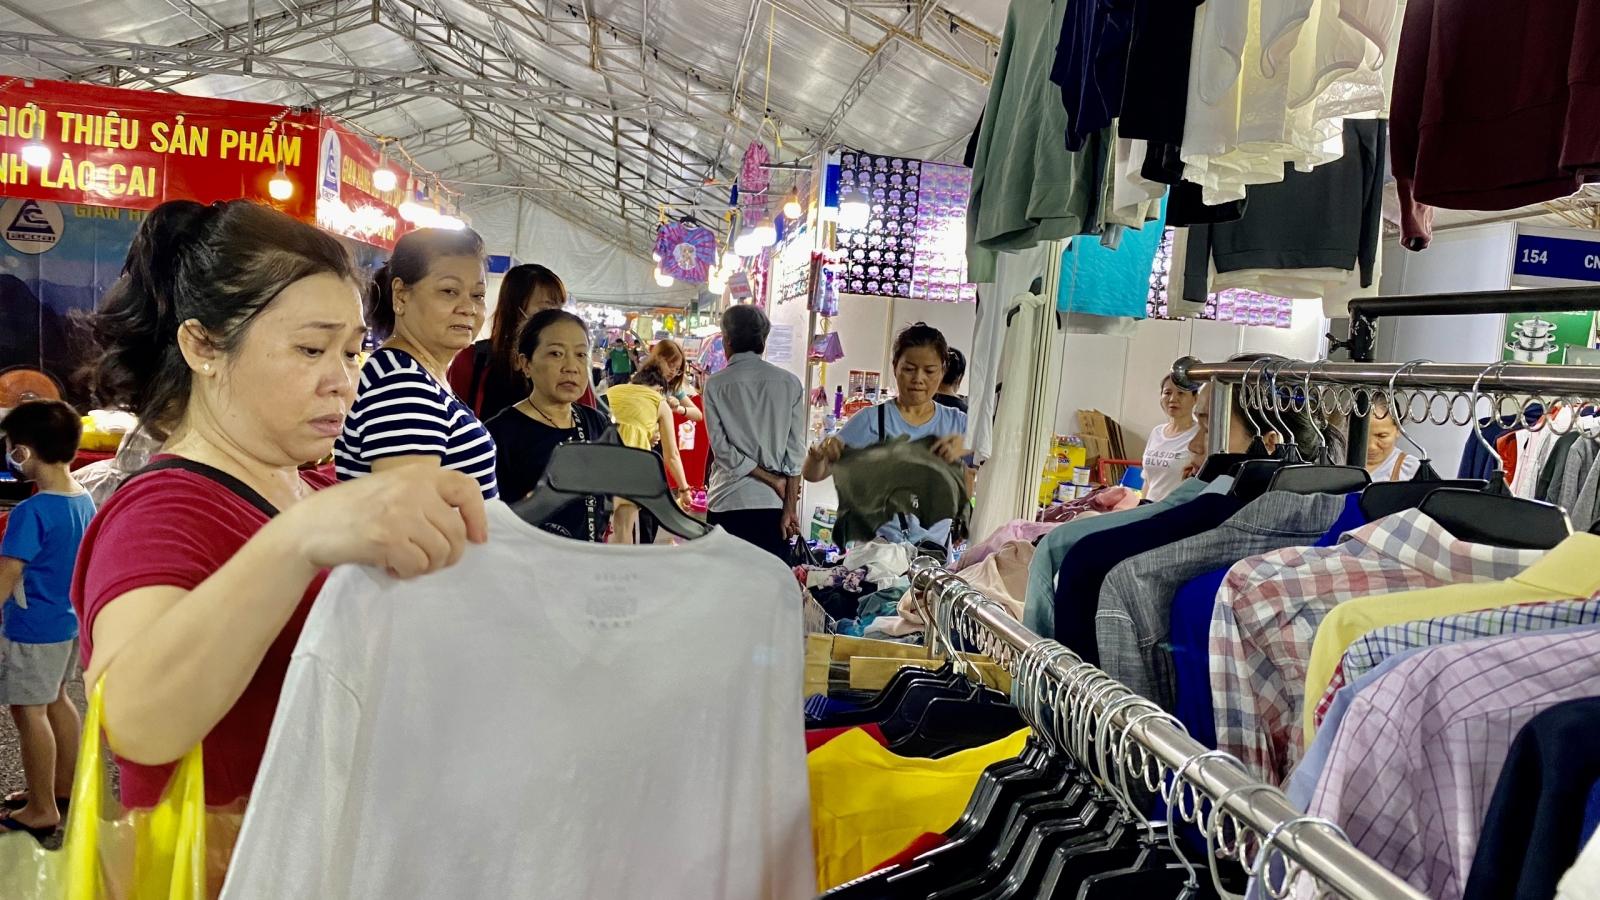 TP.HCM mở hội chợ khuyến mại để kích cầu tiêu dùng nội địa